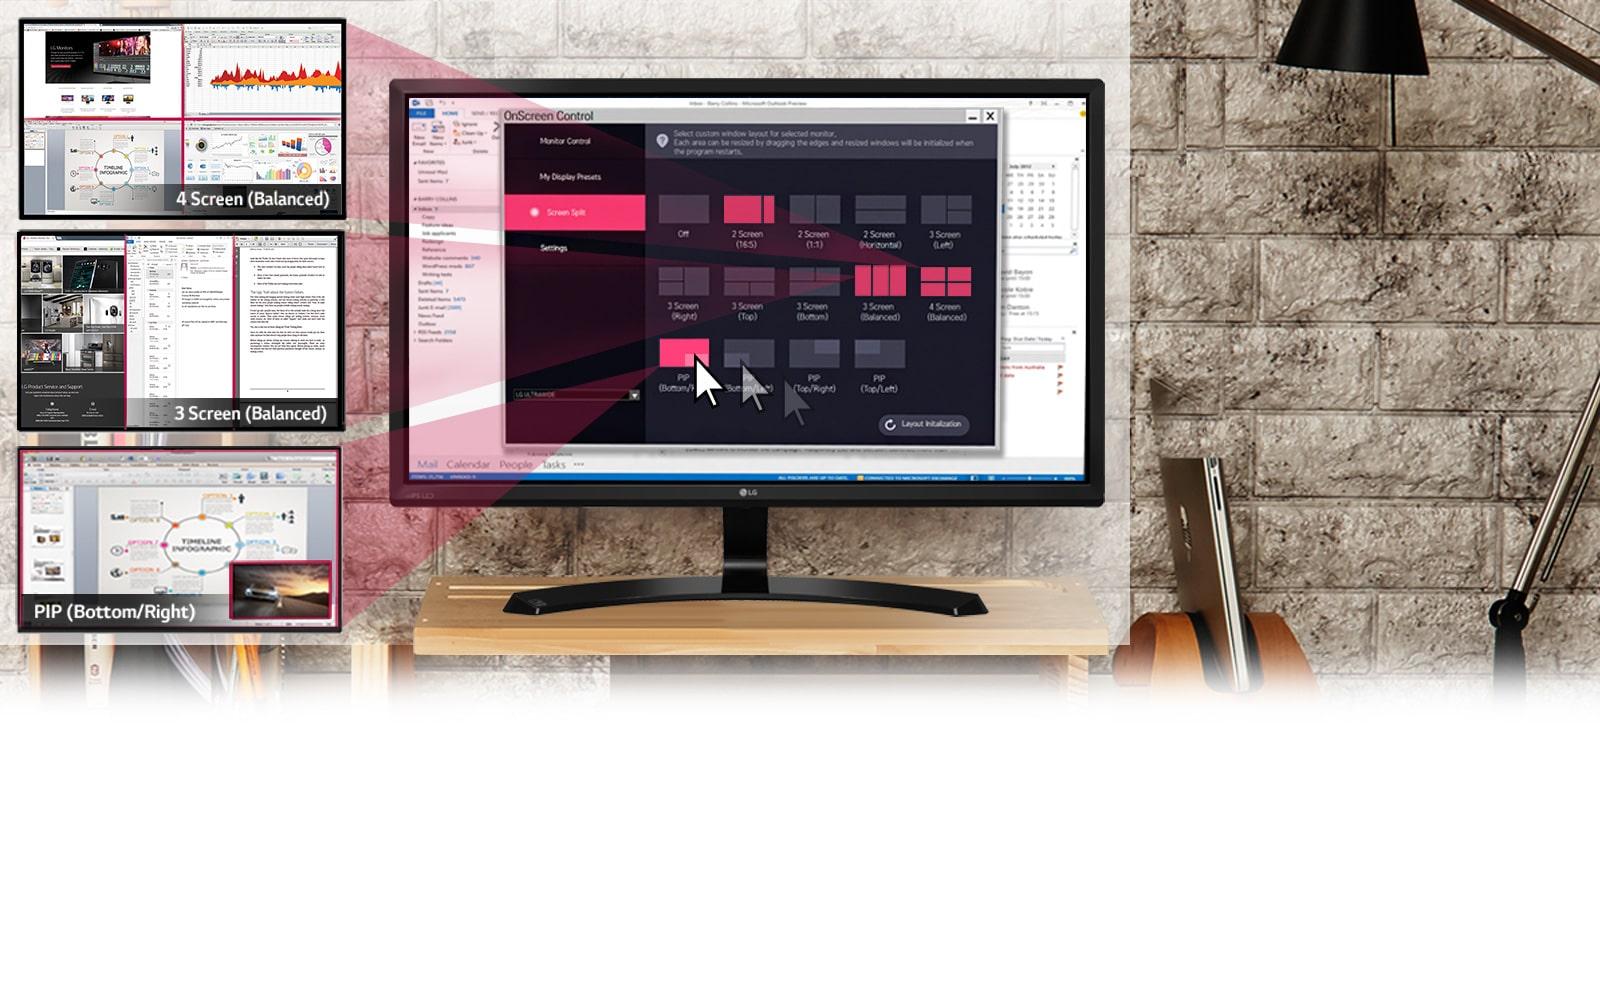 LG 24 Full HD LED Monitor with On-Screen Control LG Electronics EG_EN